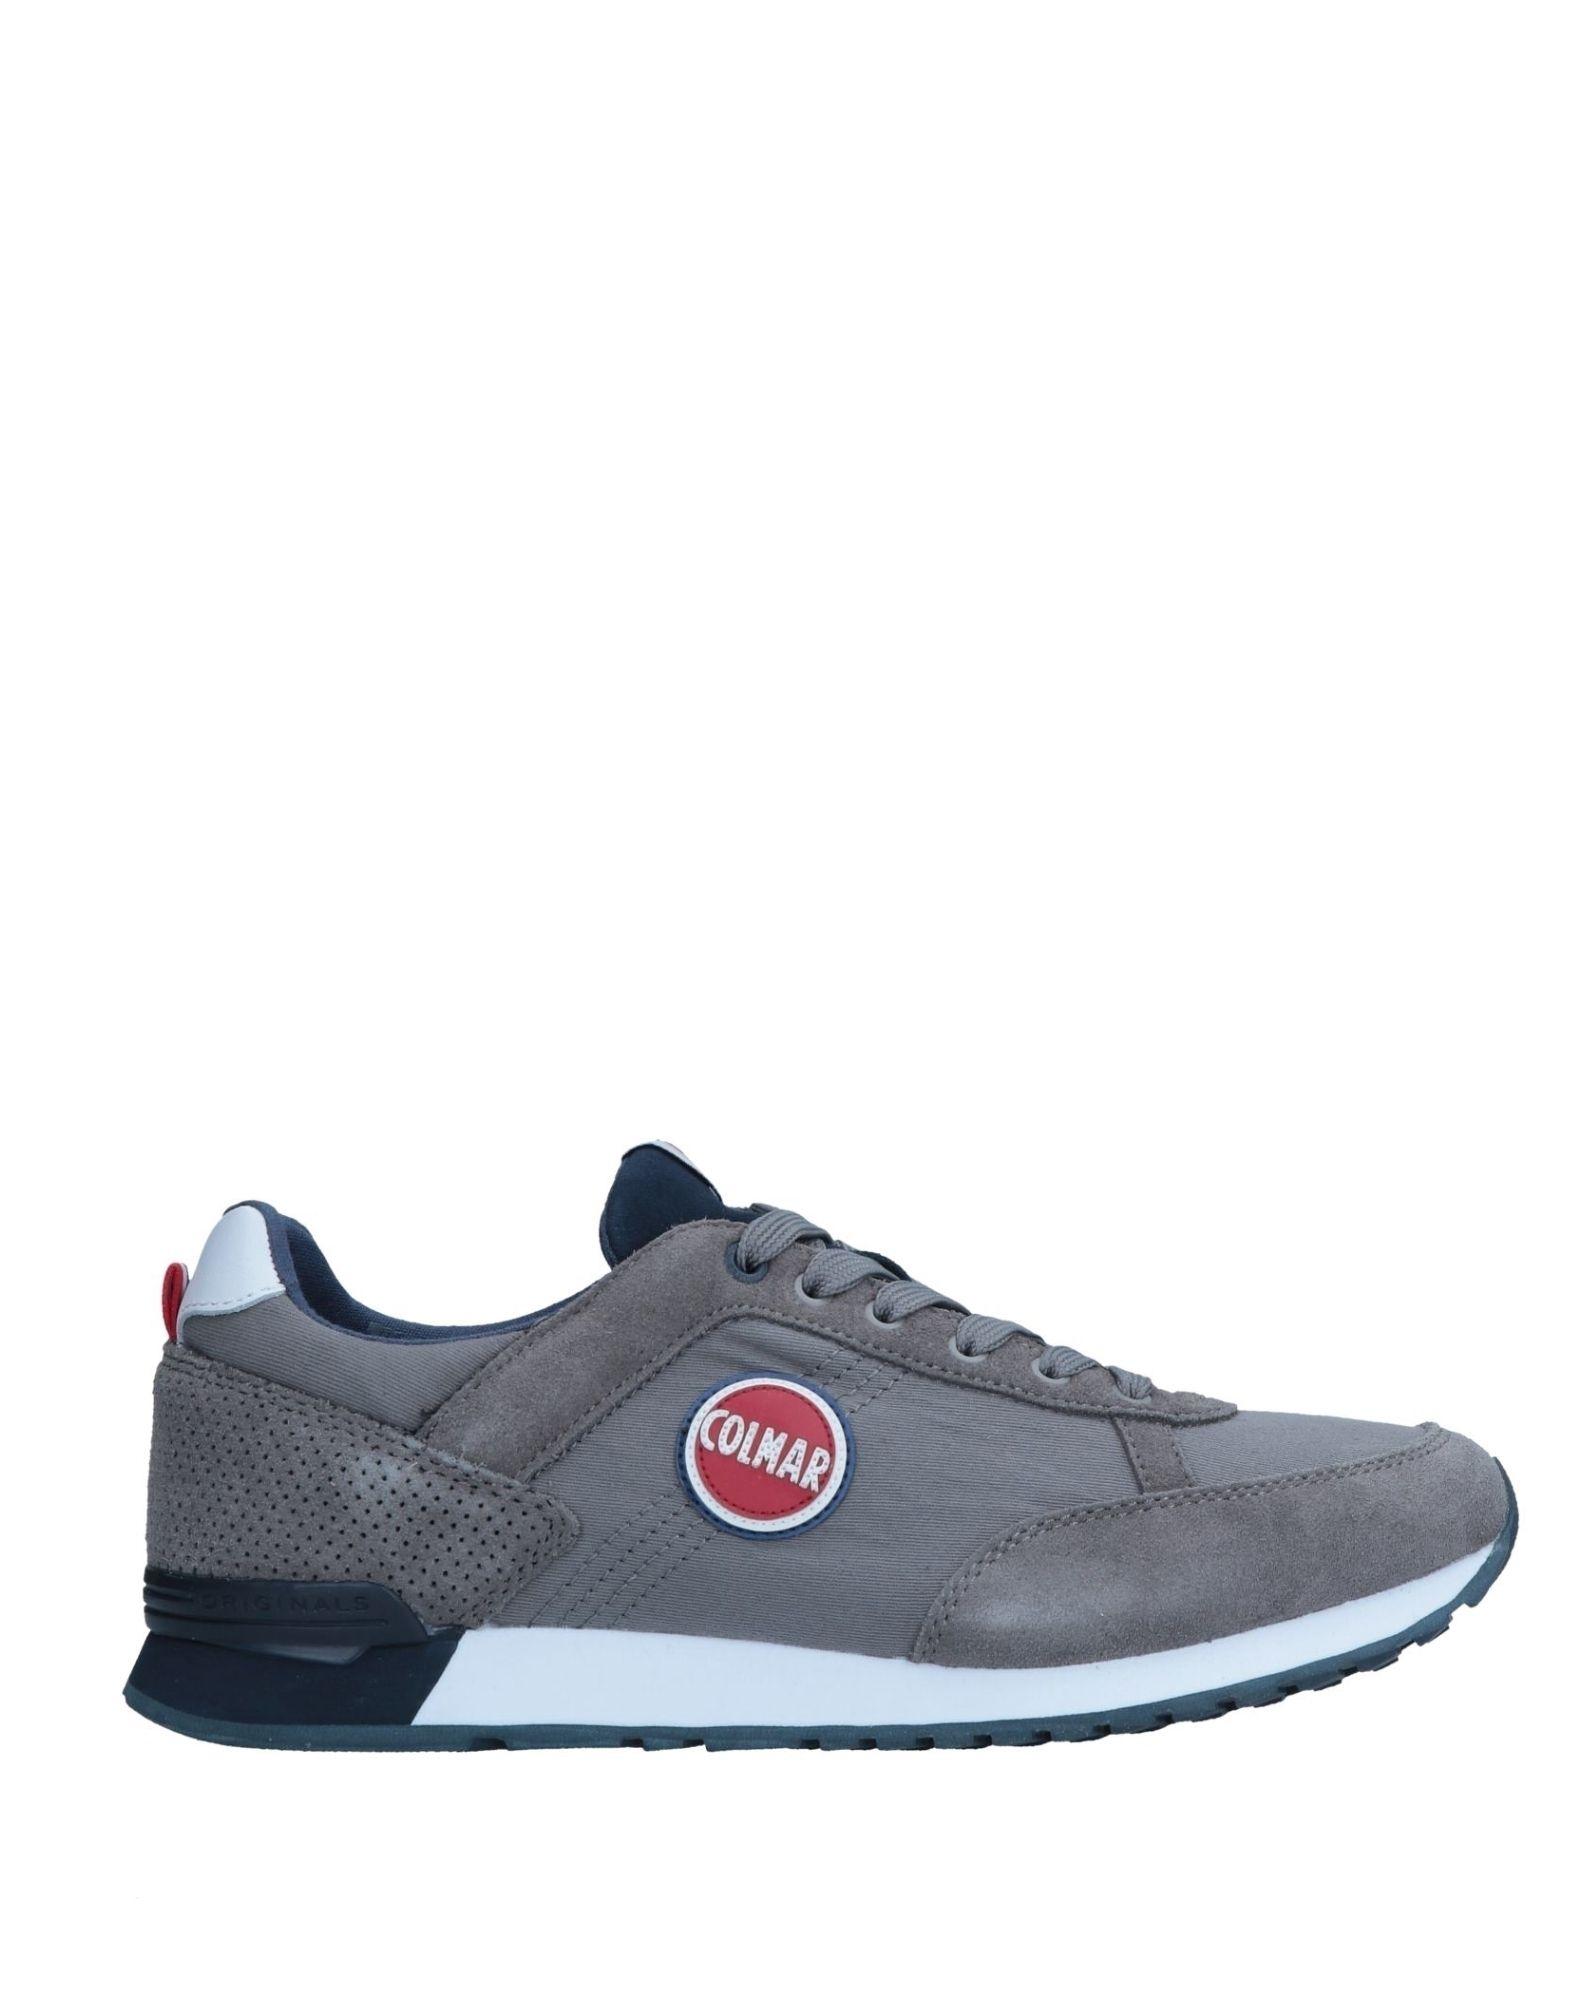 Rabatt Herren echte Schuhe Colmar Sneakers Herren Rabatt  11546482ET 28c5c1